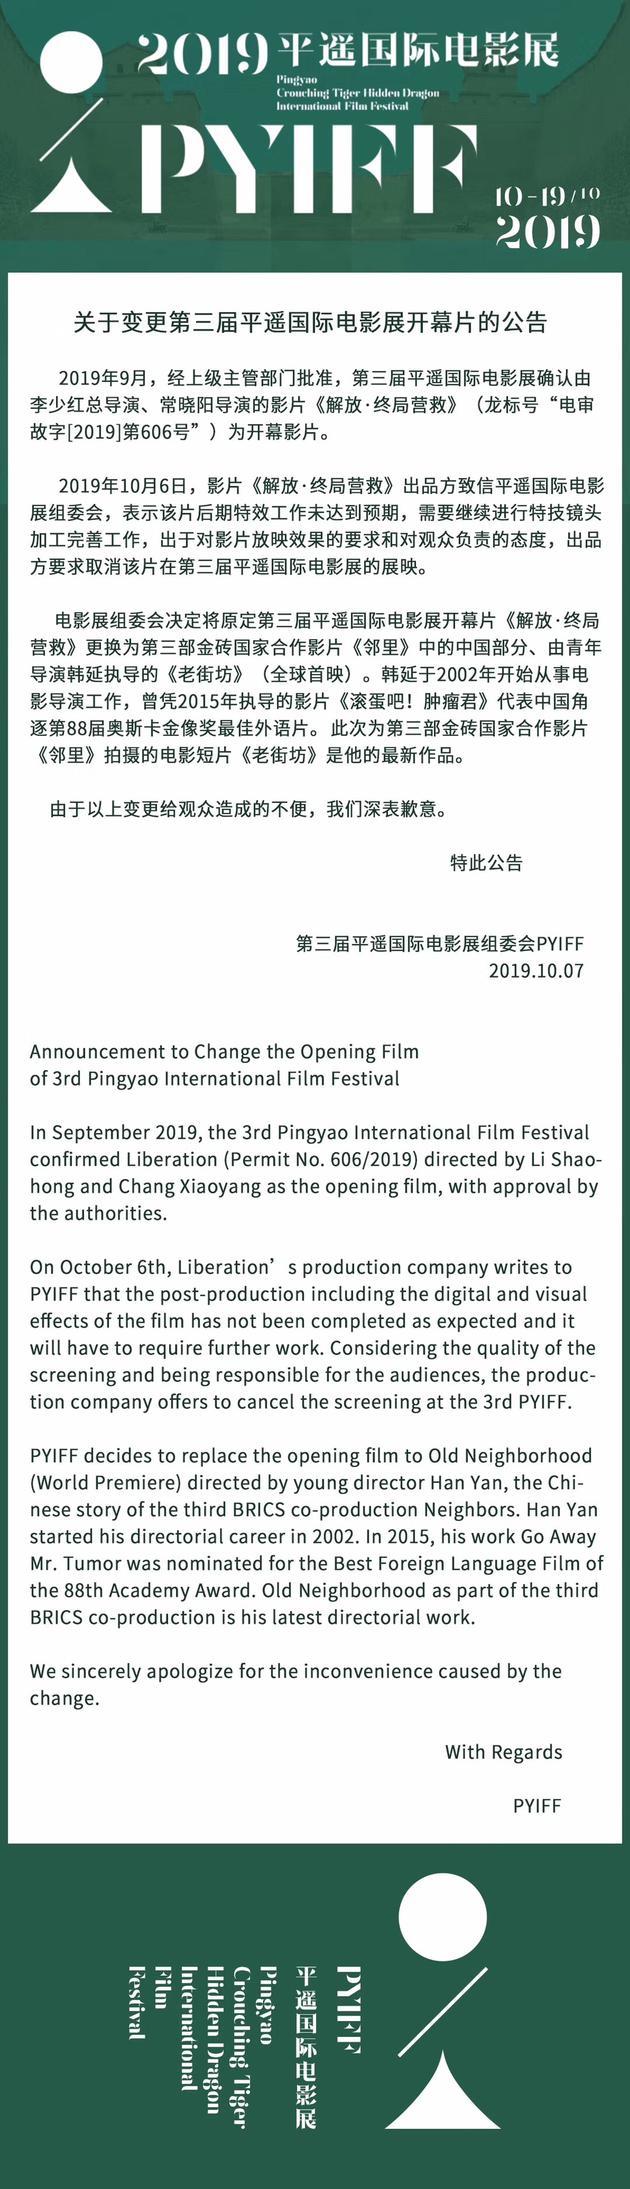 2019平遥国际电影展